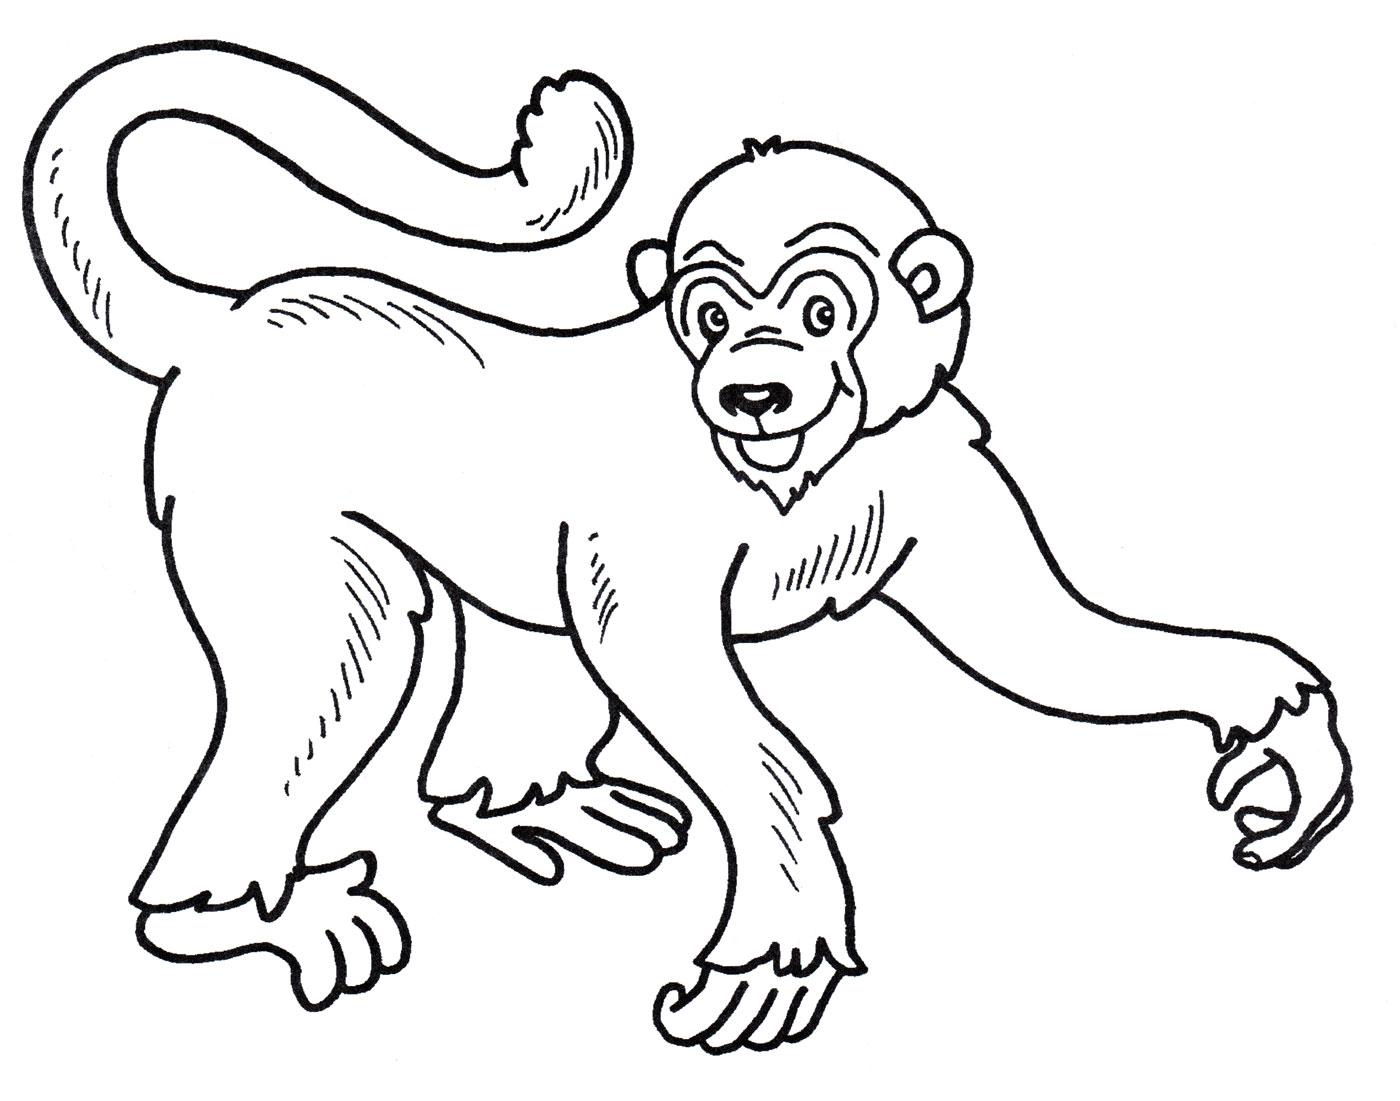 Раскраска Довольная обезьяна - распечатать бесплатно